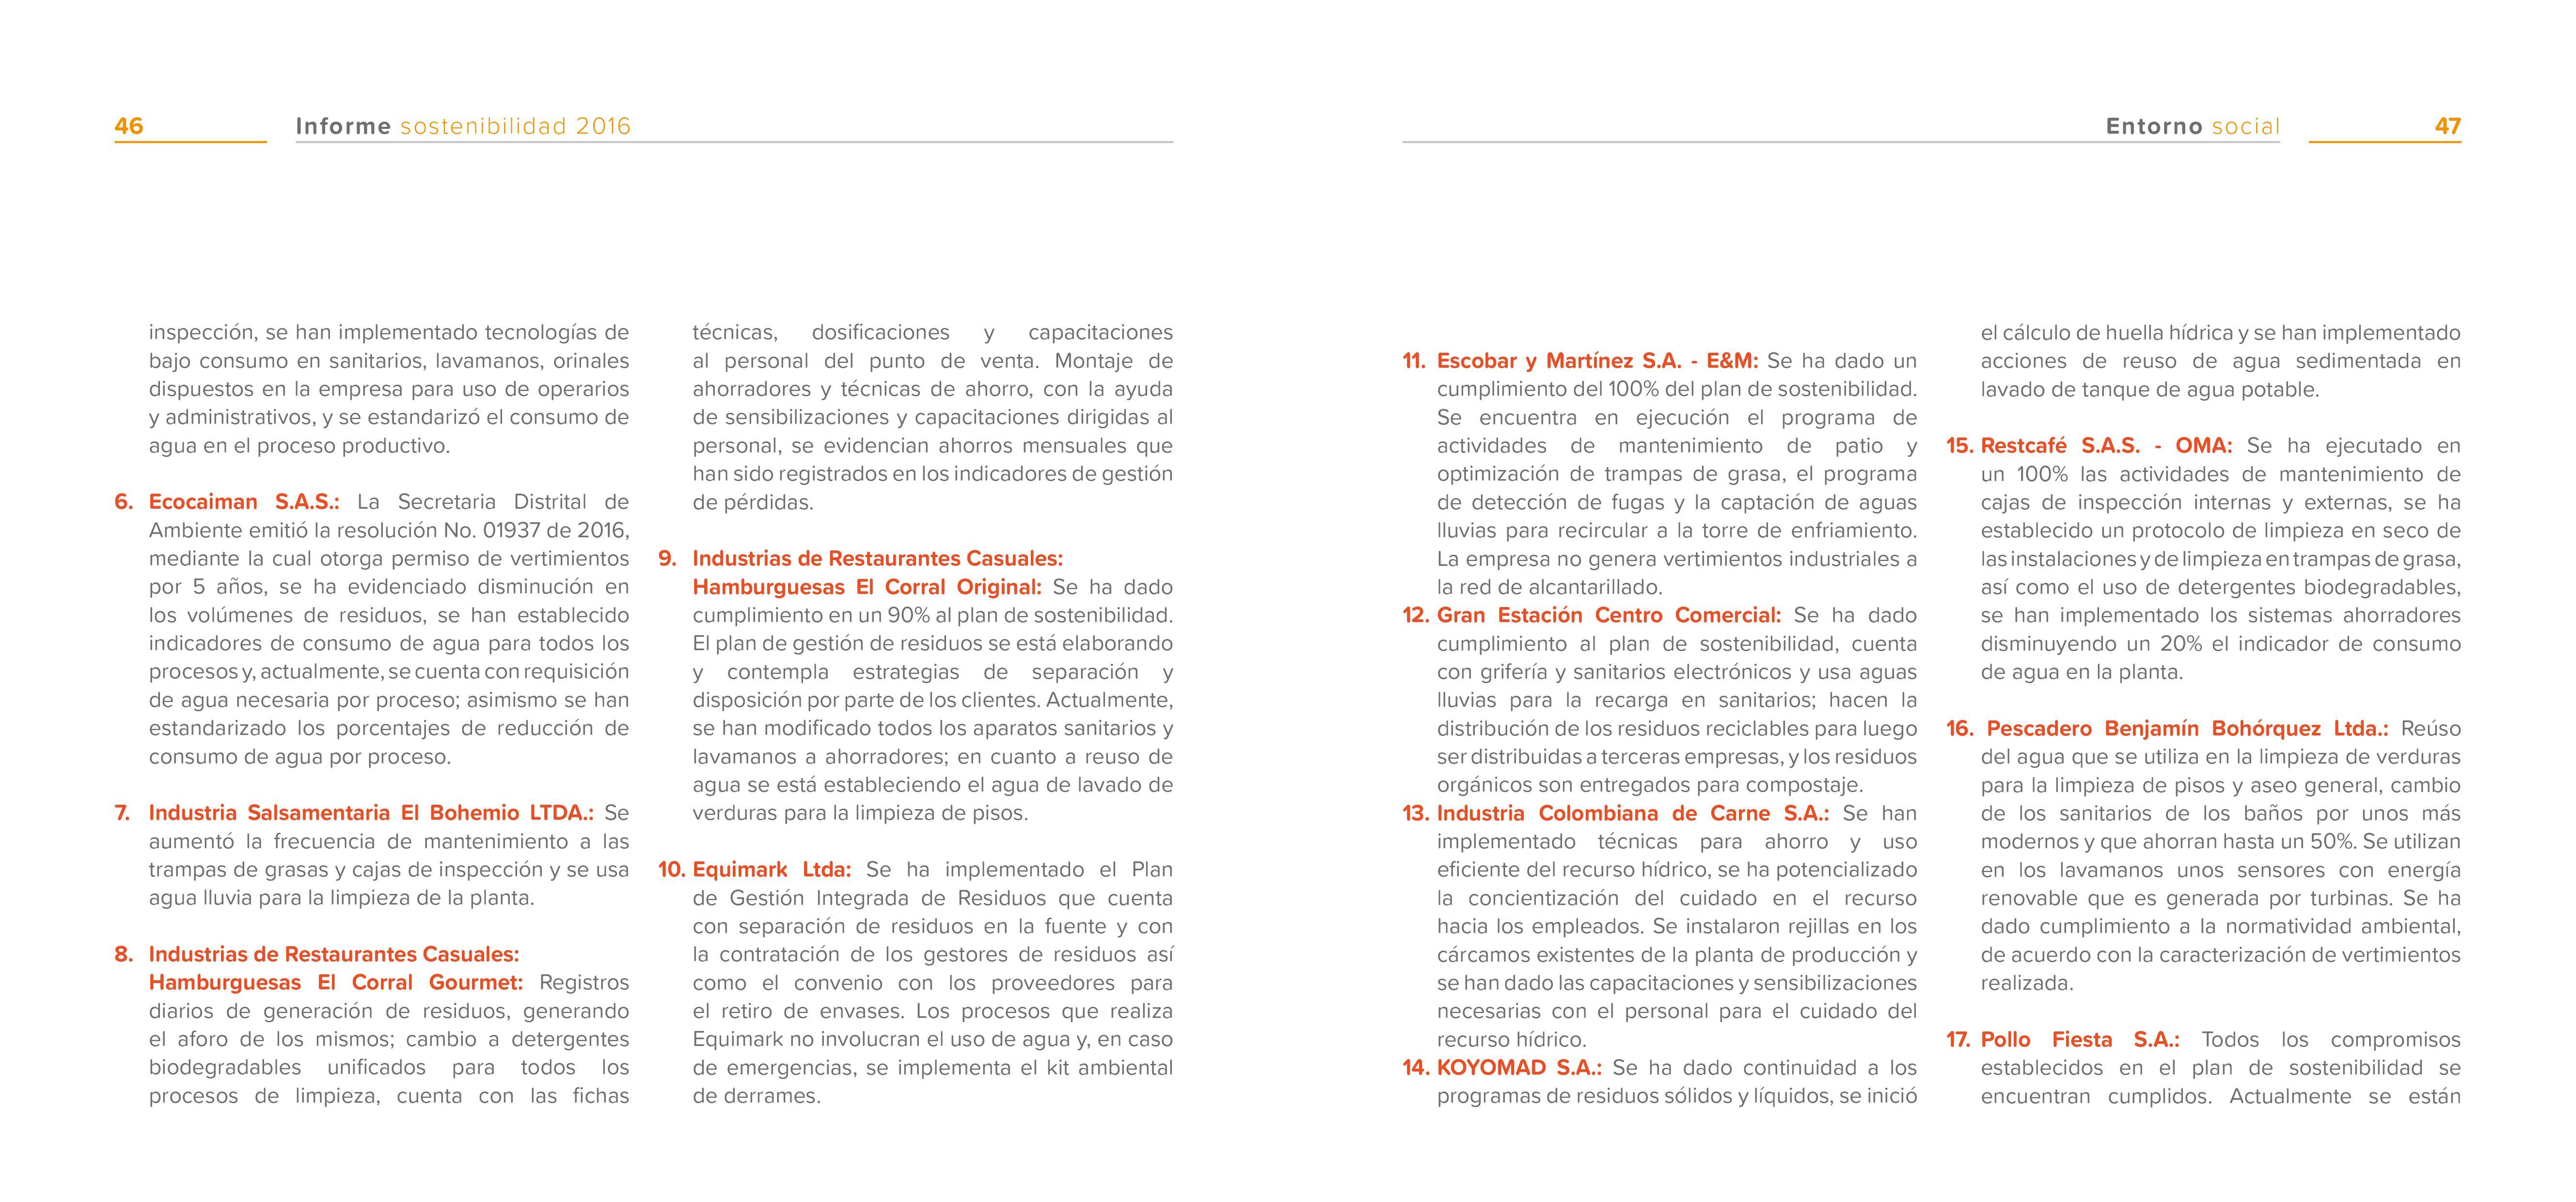 Indicadores Banos.Informe Sostenibilidad 2016